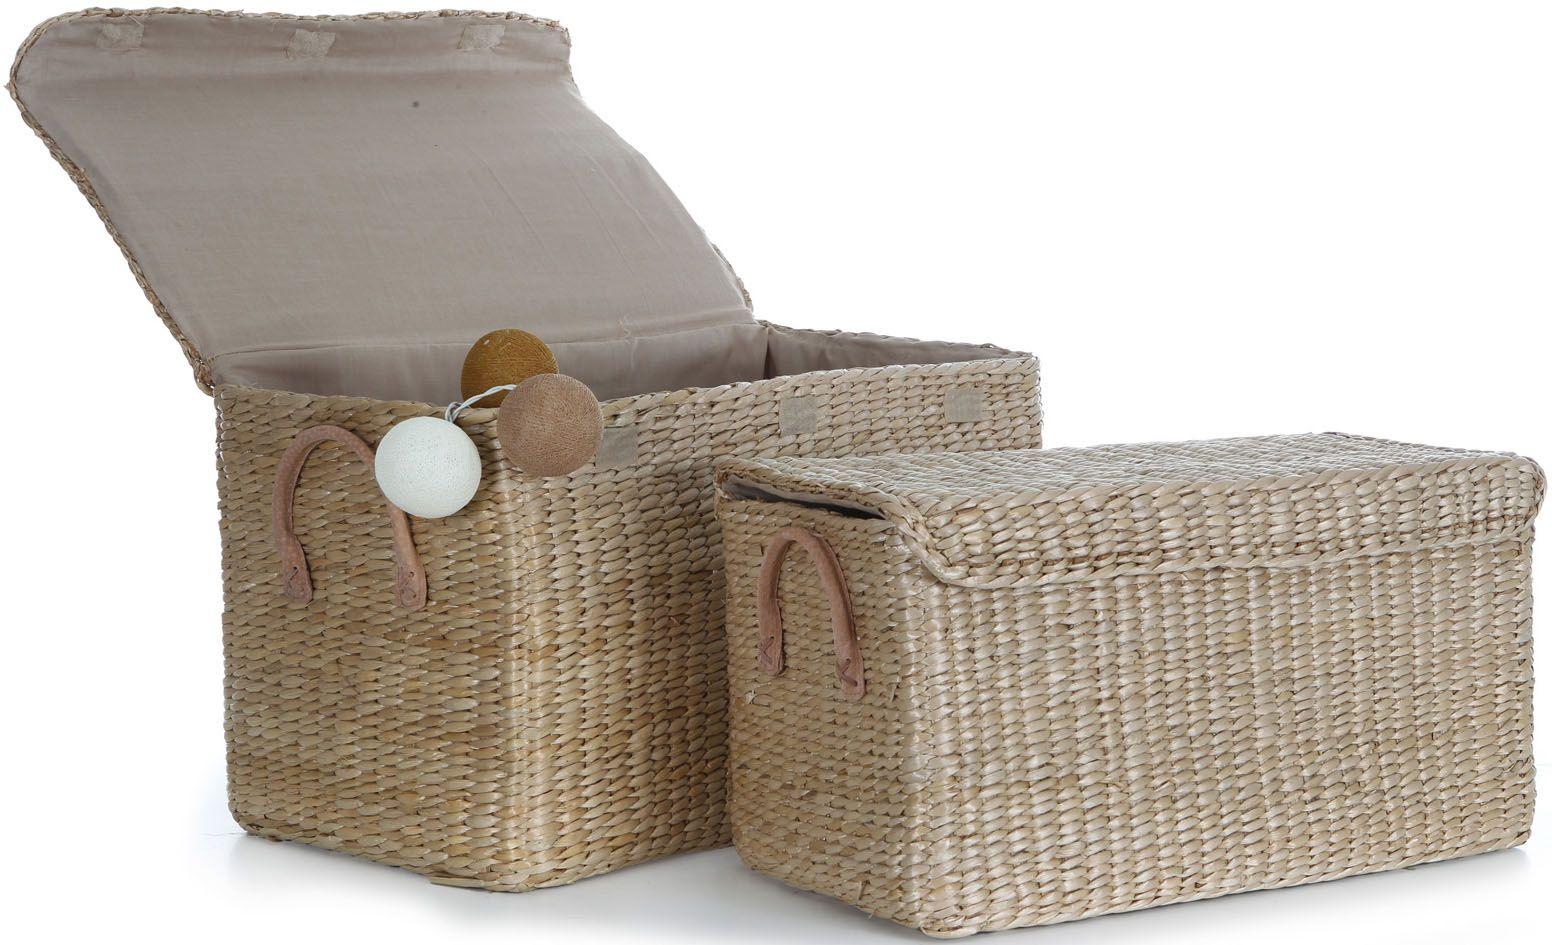 ordnungsboxen g nstig online kaufen beim schwab versand. Black Bedroom Furniture Sets. Home Design Ideas